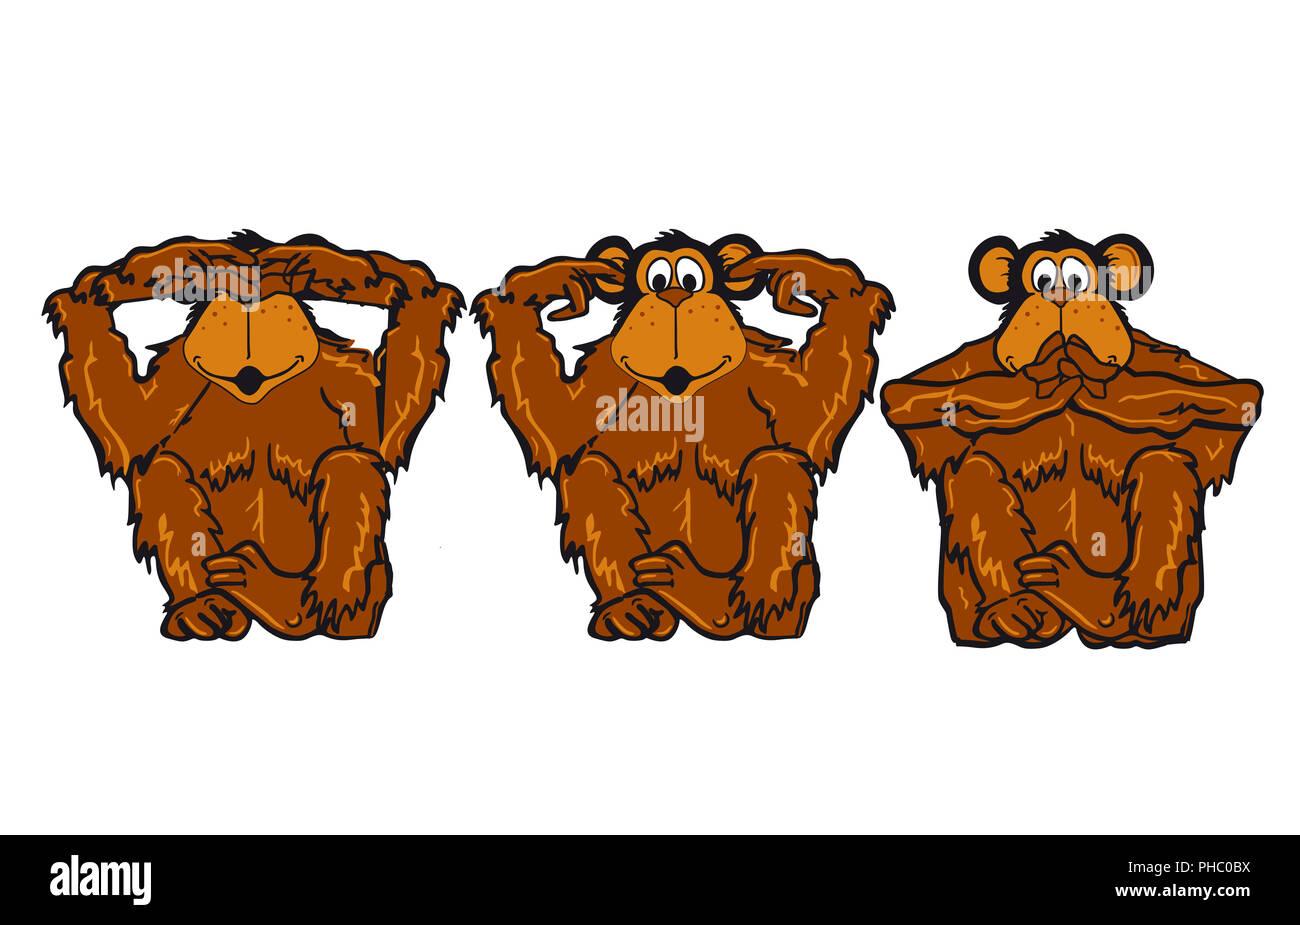 Drei Affen Nicht Sehen Hören Sagen Stockfoto Bild